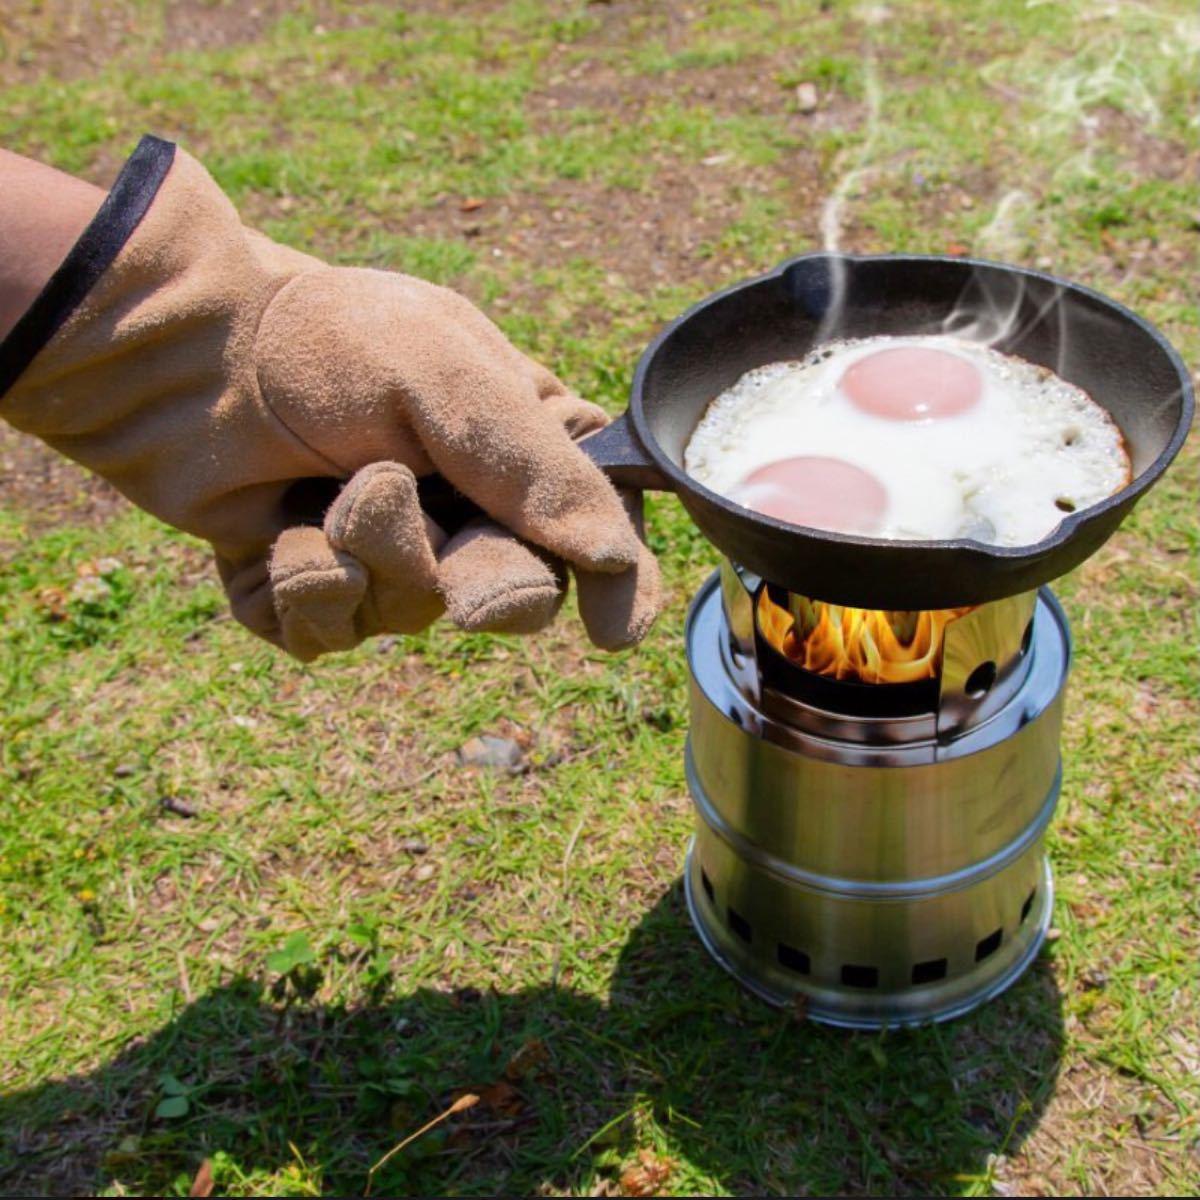 キャンプグローブ レザーグローブ 耐熱グローブ 本革手袋 アウトドア BBQ バーベキュー ストーブ 焚き火台 牛革 防寒